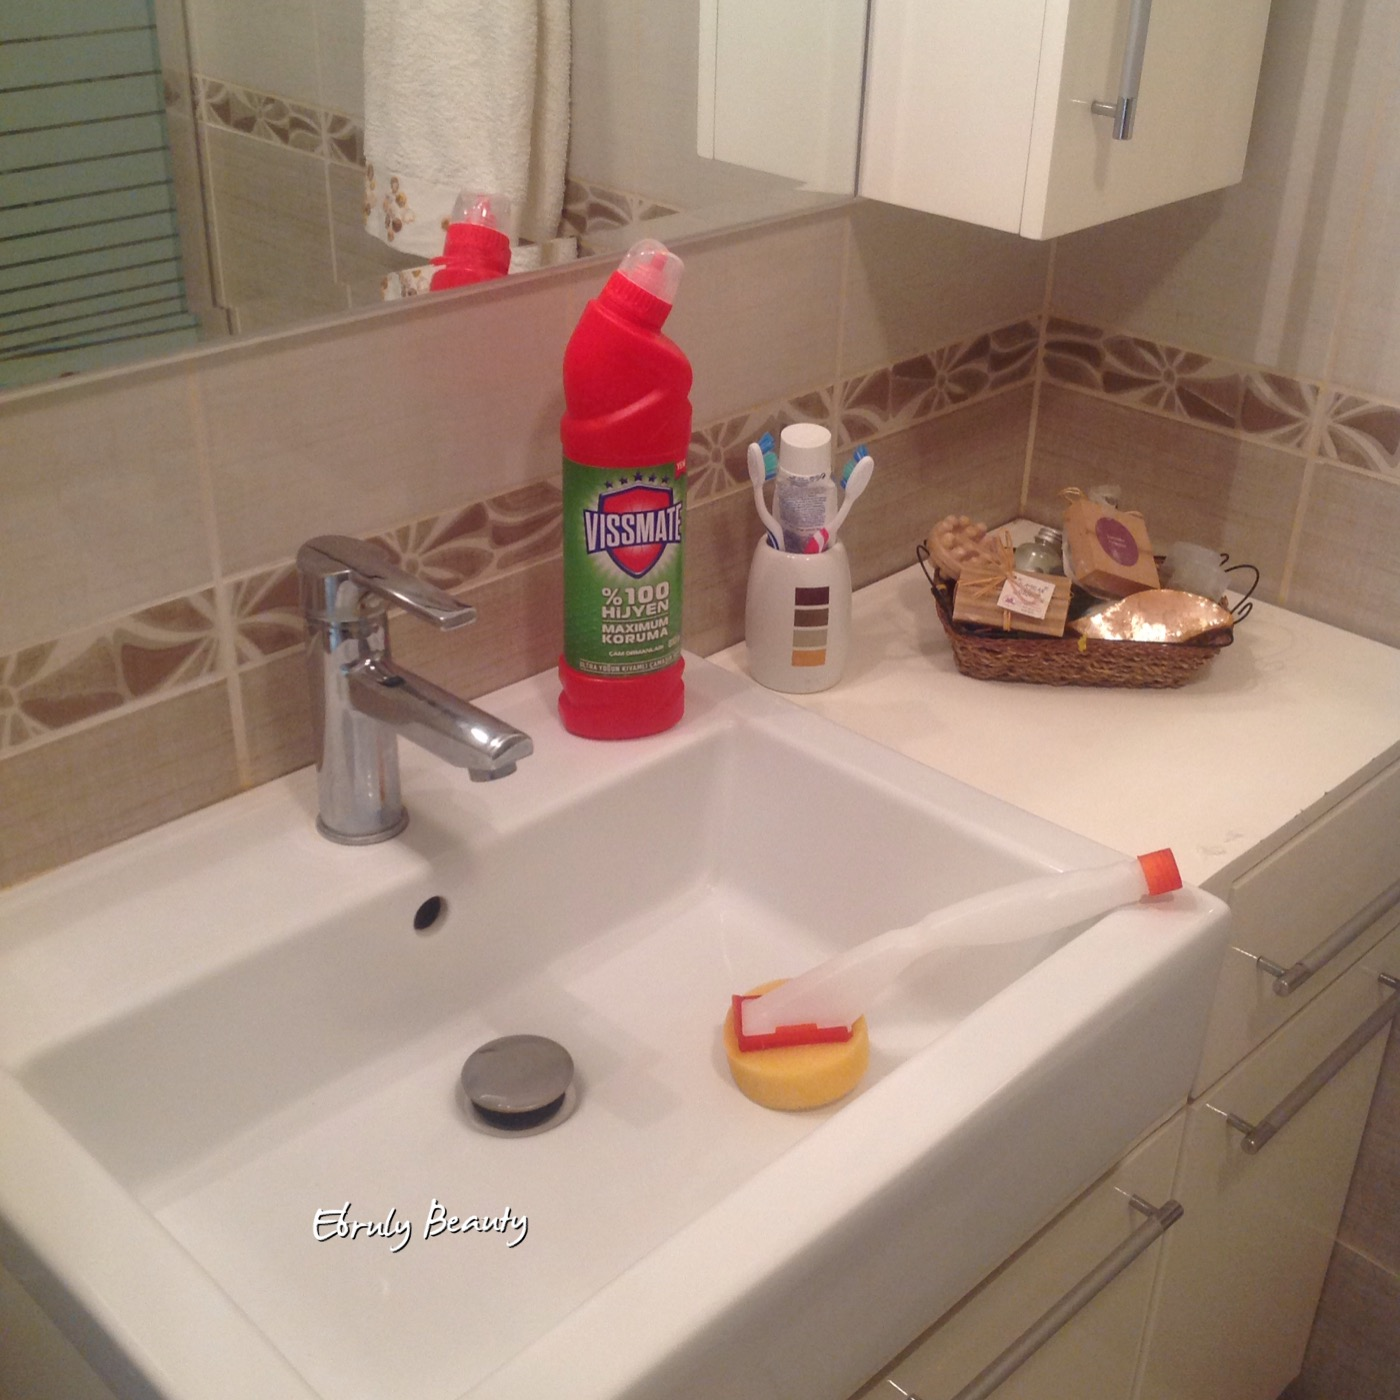 Duş Alırken Klozet Kapağını Kapatın